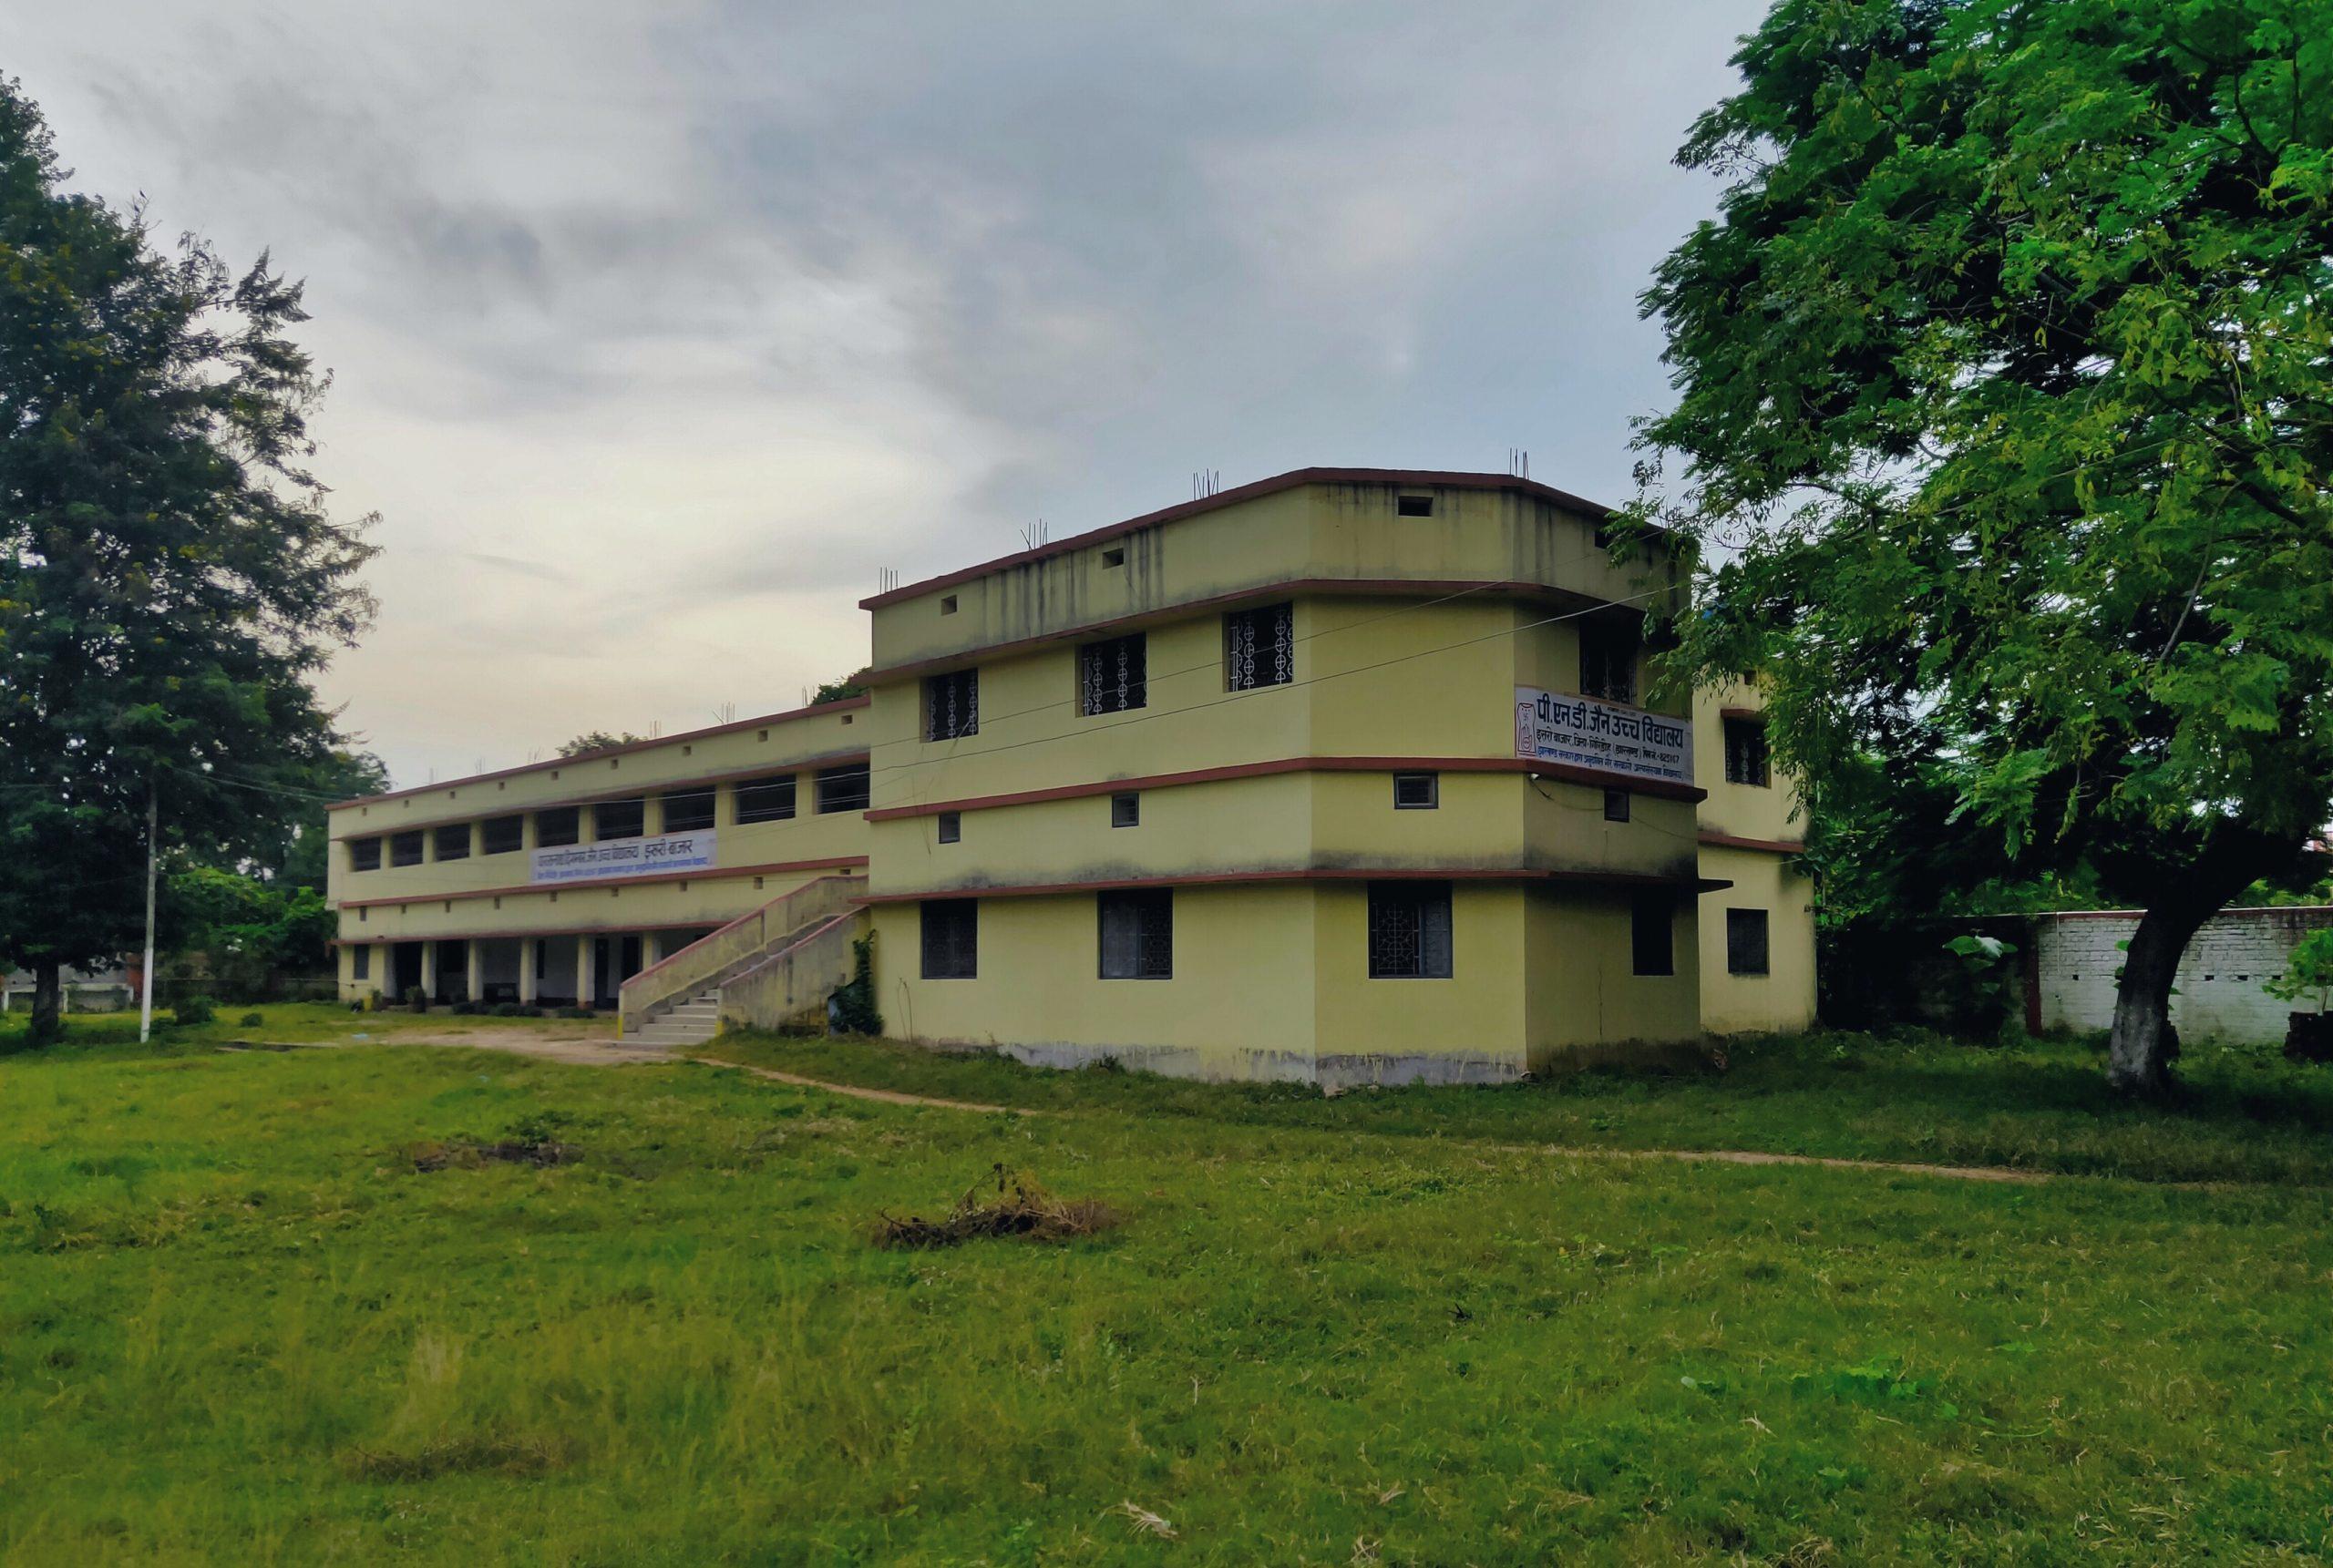 A school building